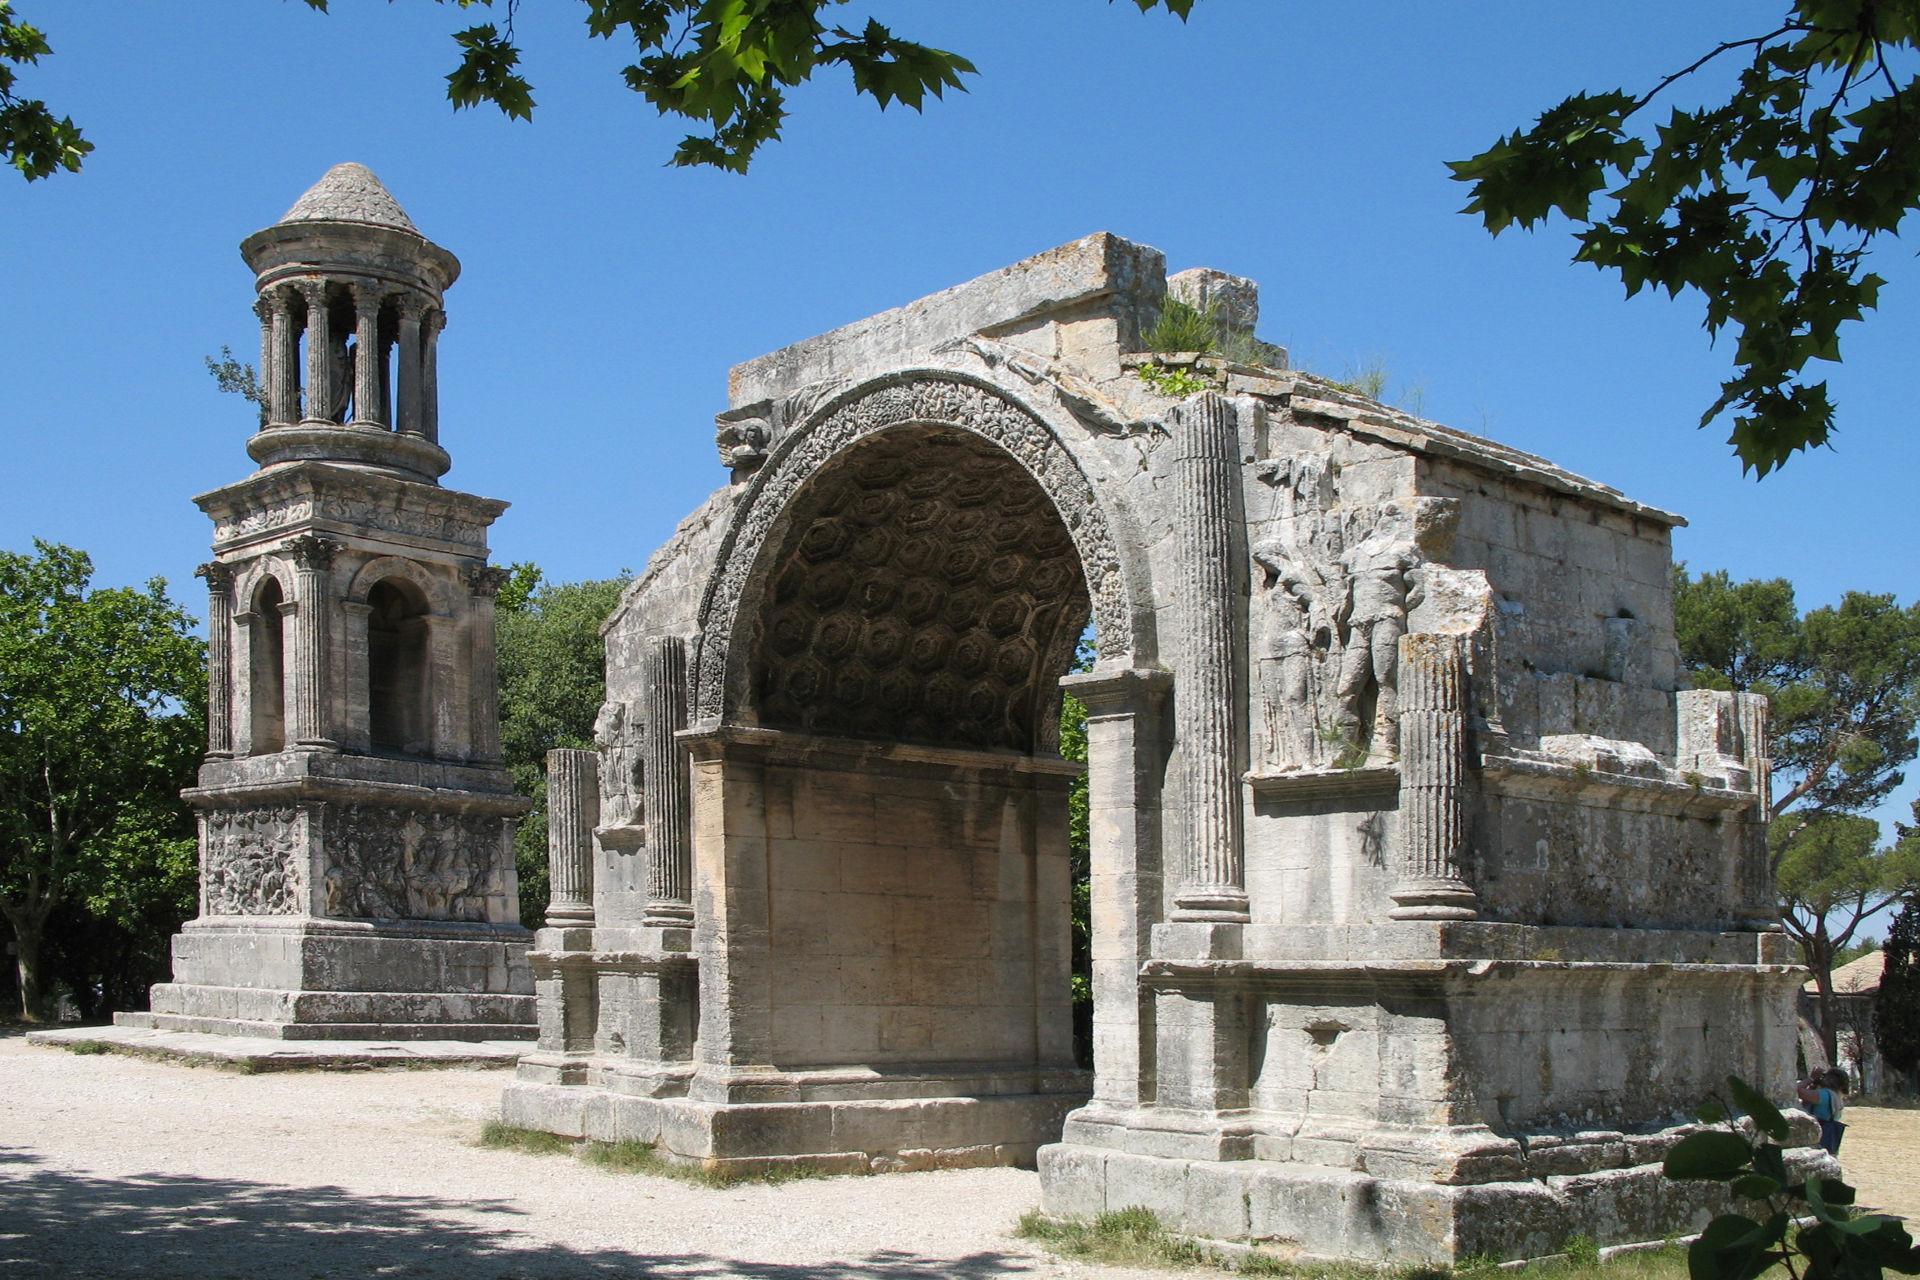 Saint Rémy de Provence